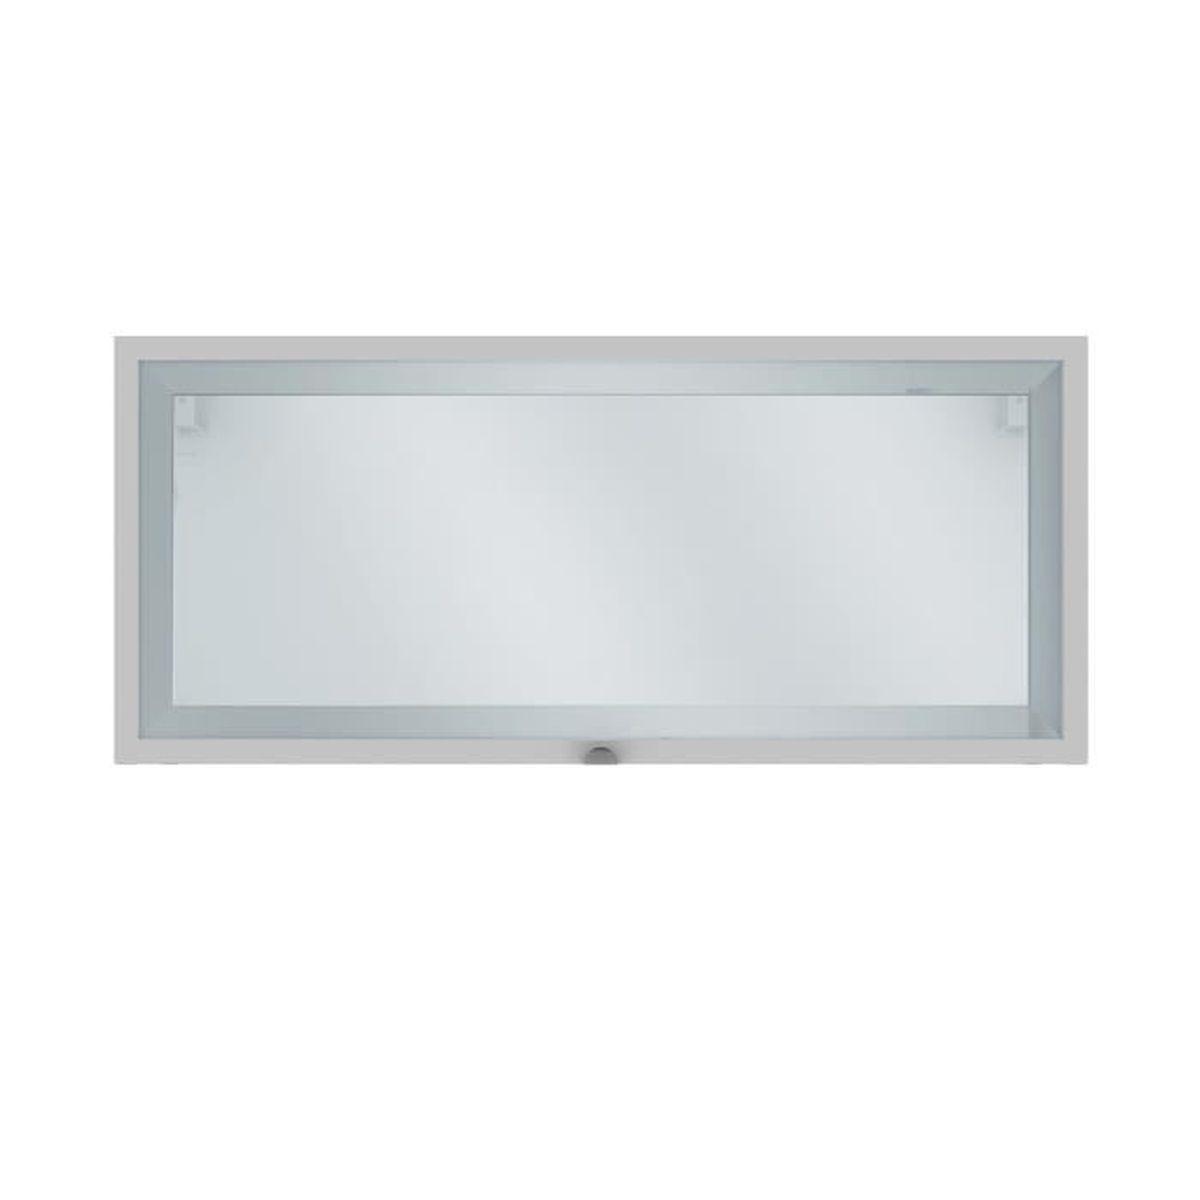 Elia Meuble de cuisine haut court 12 porte vitrée blanc 12cm